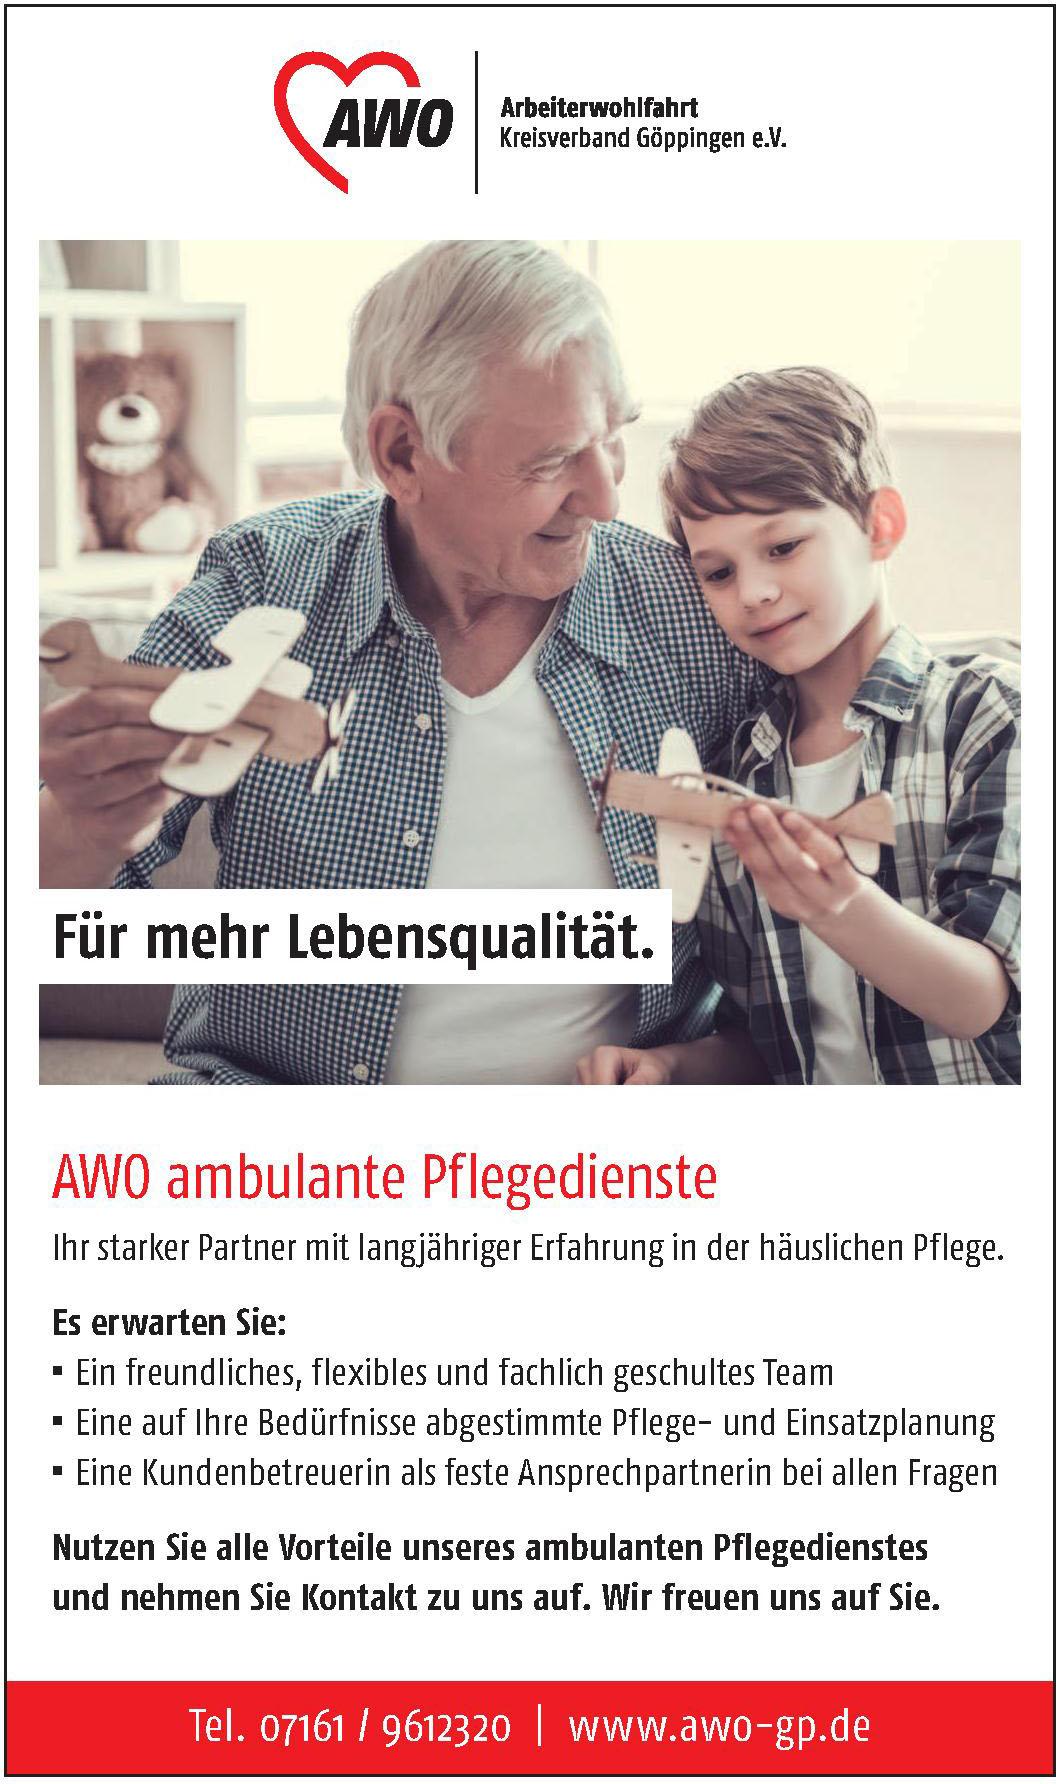 AWO Kreisverband Göppingen e.V.